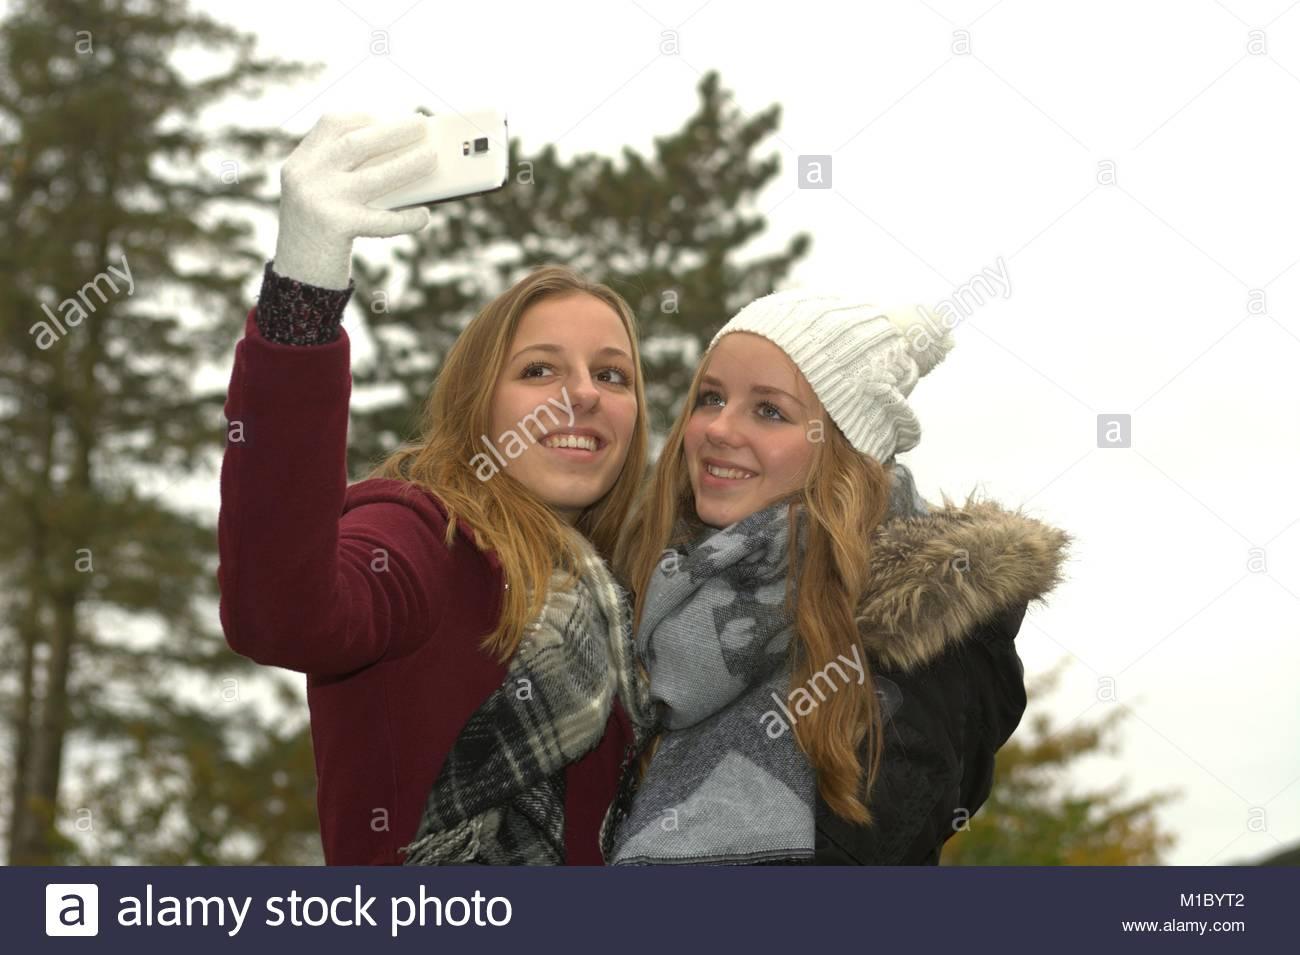 Zwei froehliche Teenager Maedchen machen mit dem Smartphone ein gemeinsames Selfie in der herbstlichen Natur. Stock Photo